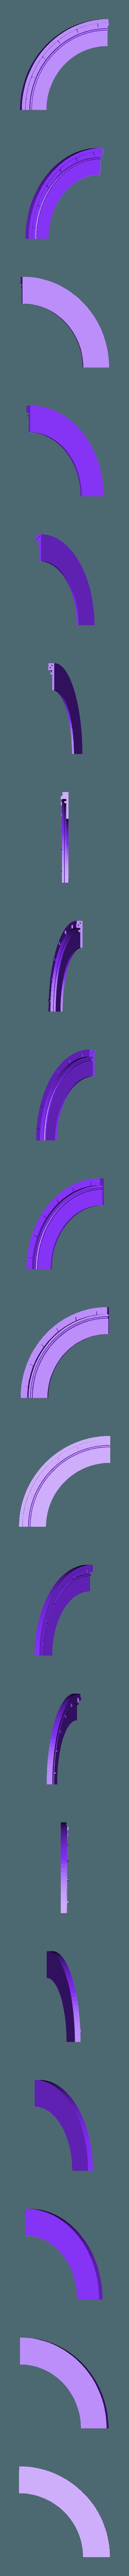 _in_progress_table_CROWN_3.stl Télécharger fichier STL gratuit Dépôt de train à l'échelle 1:87 HO avec table tournante • Plan pour imprimante 3D, nenchev